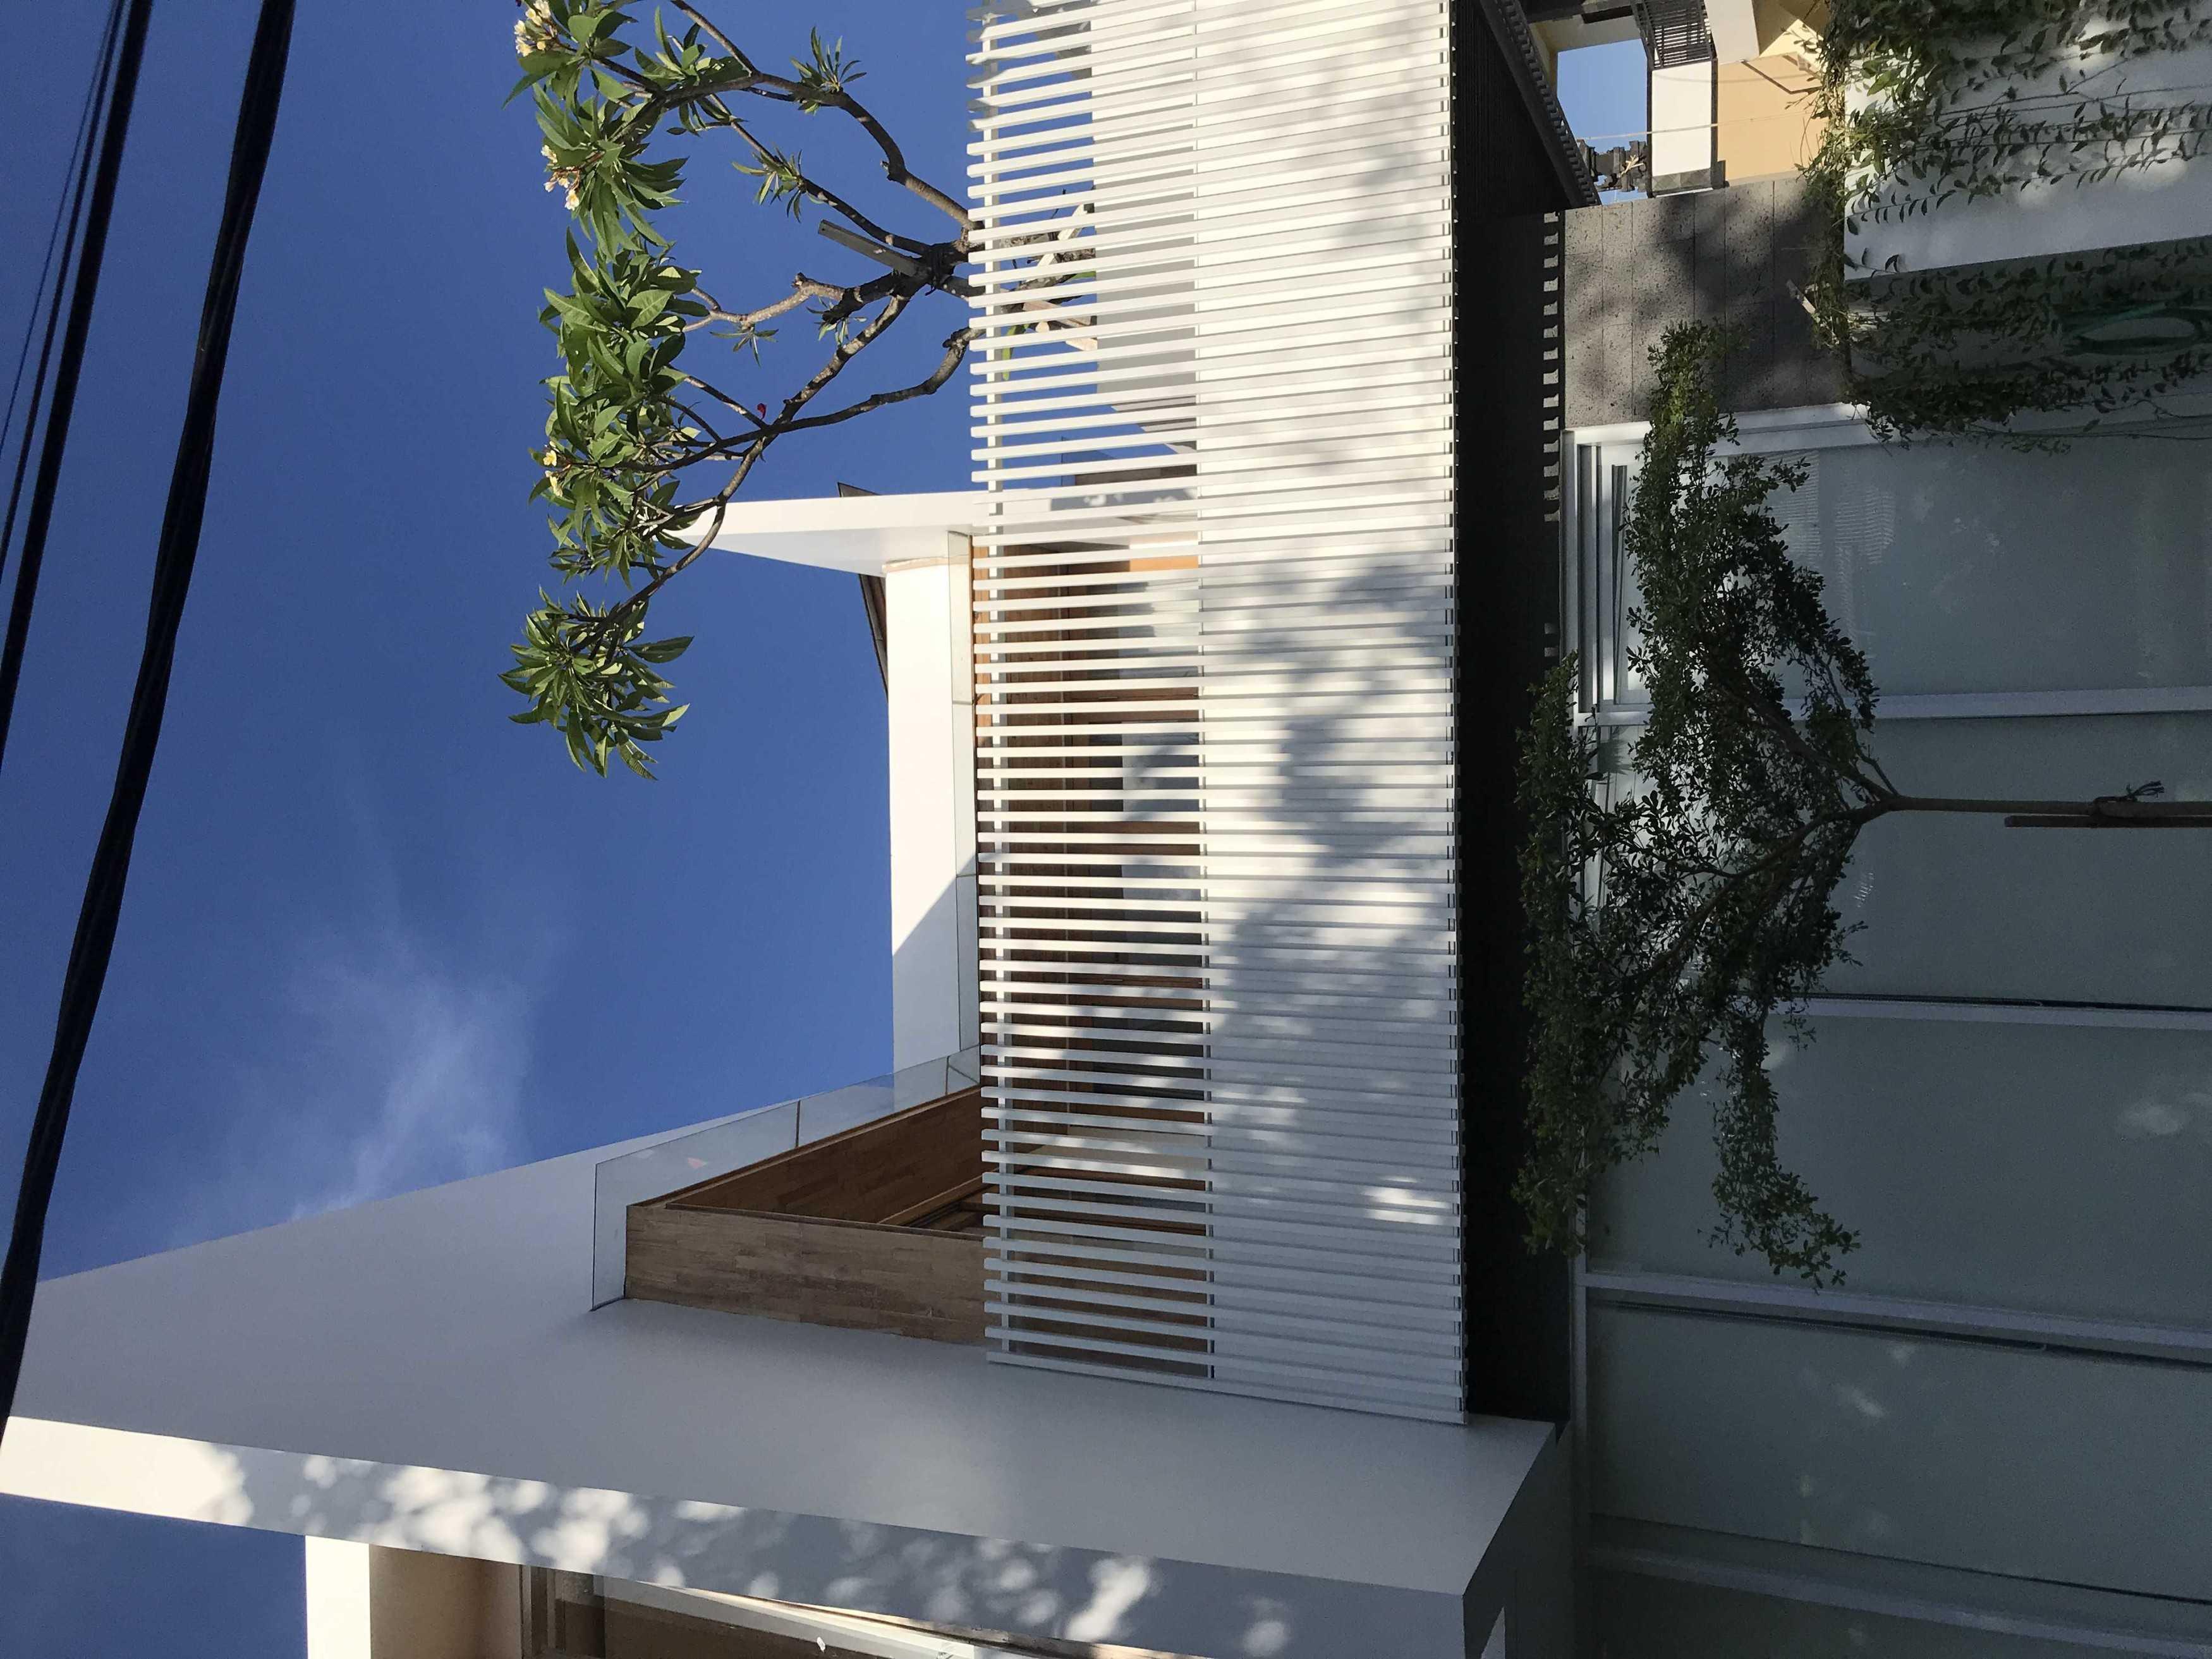 Jena Architect Casa Indah Pemogan, Kec. Denpasar Sel., Kota Denpasar, Bali, Indonesia Pemogan, Kec. Denpasar Sel., Kota Denpasar, Bali, Indonesia Jena-Architect-Casa-Indah Contemporary  109159